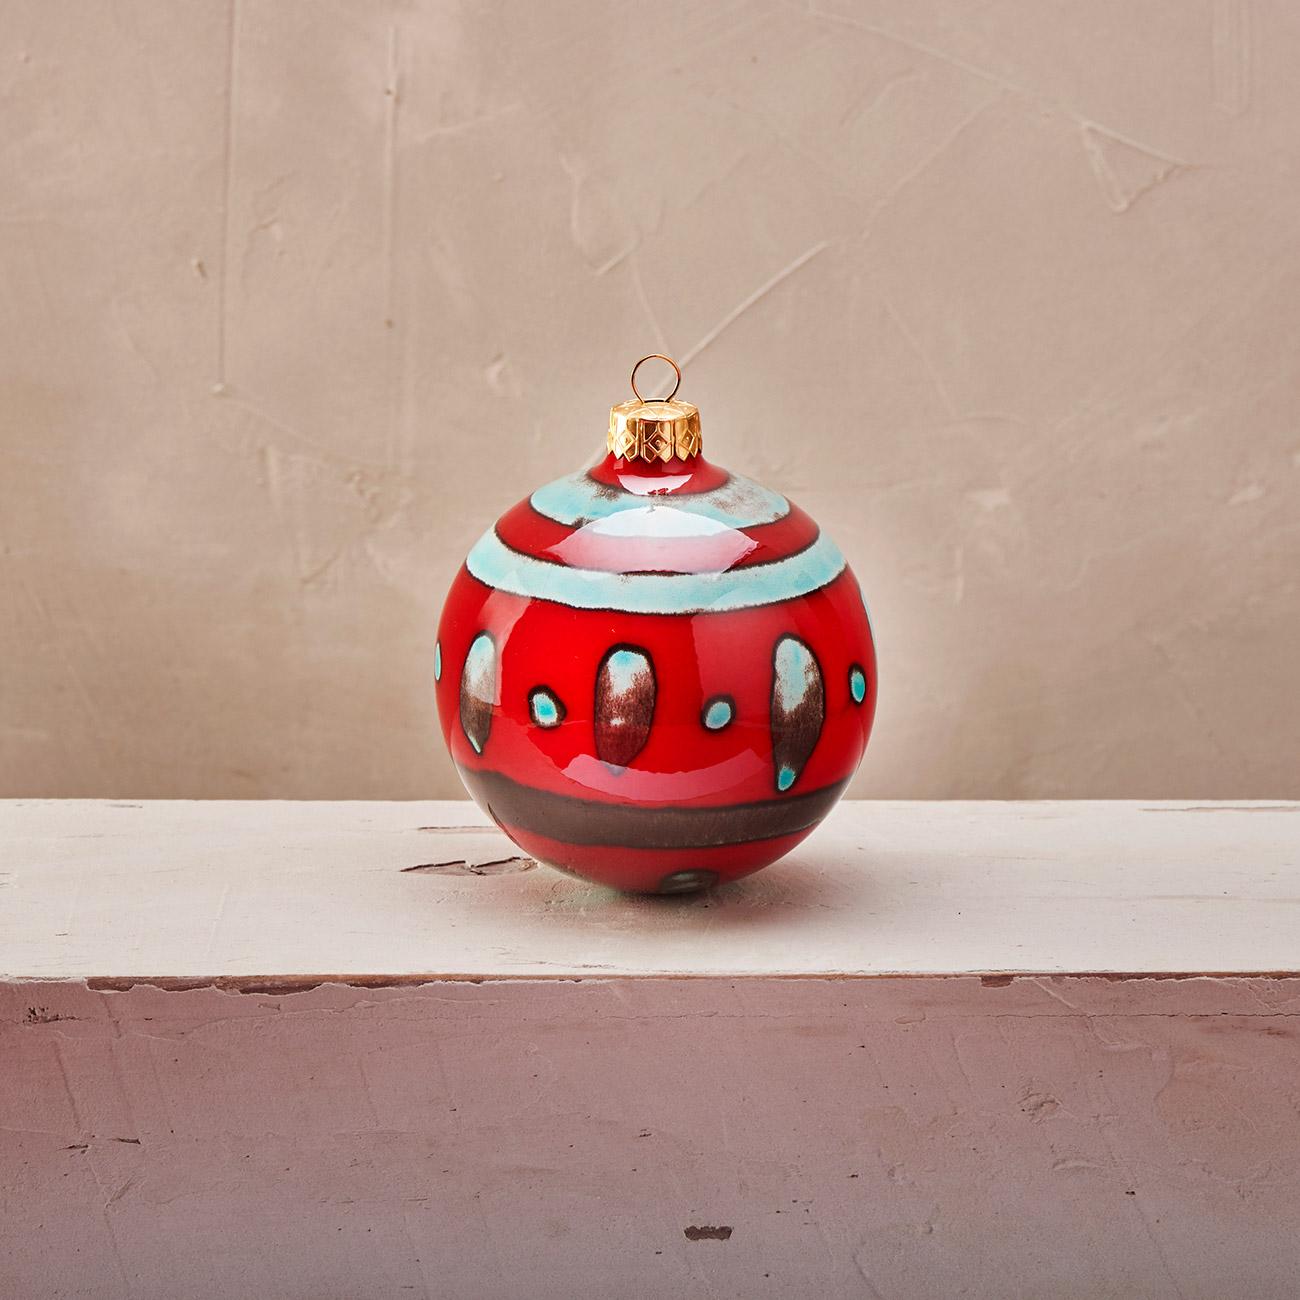 Red Christmas Ball 1